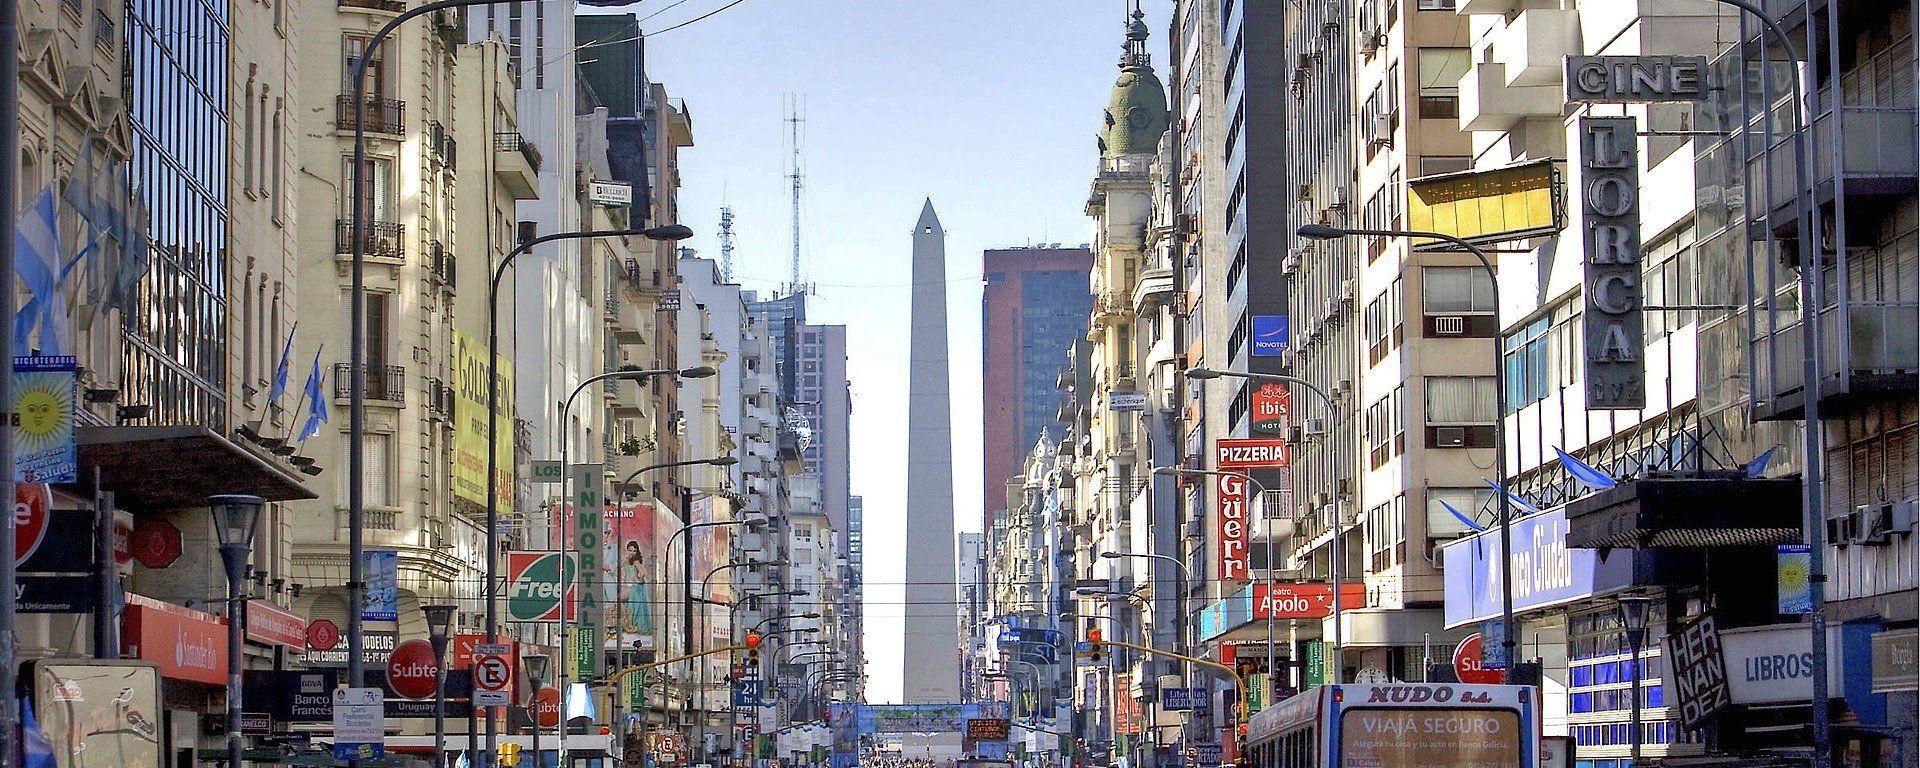 Una postal de la Ciudad de Buenos Aires, la capital de Argentina. Imagen referencial - Sputnik Mundo, 1920, 04.06.2021